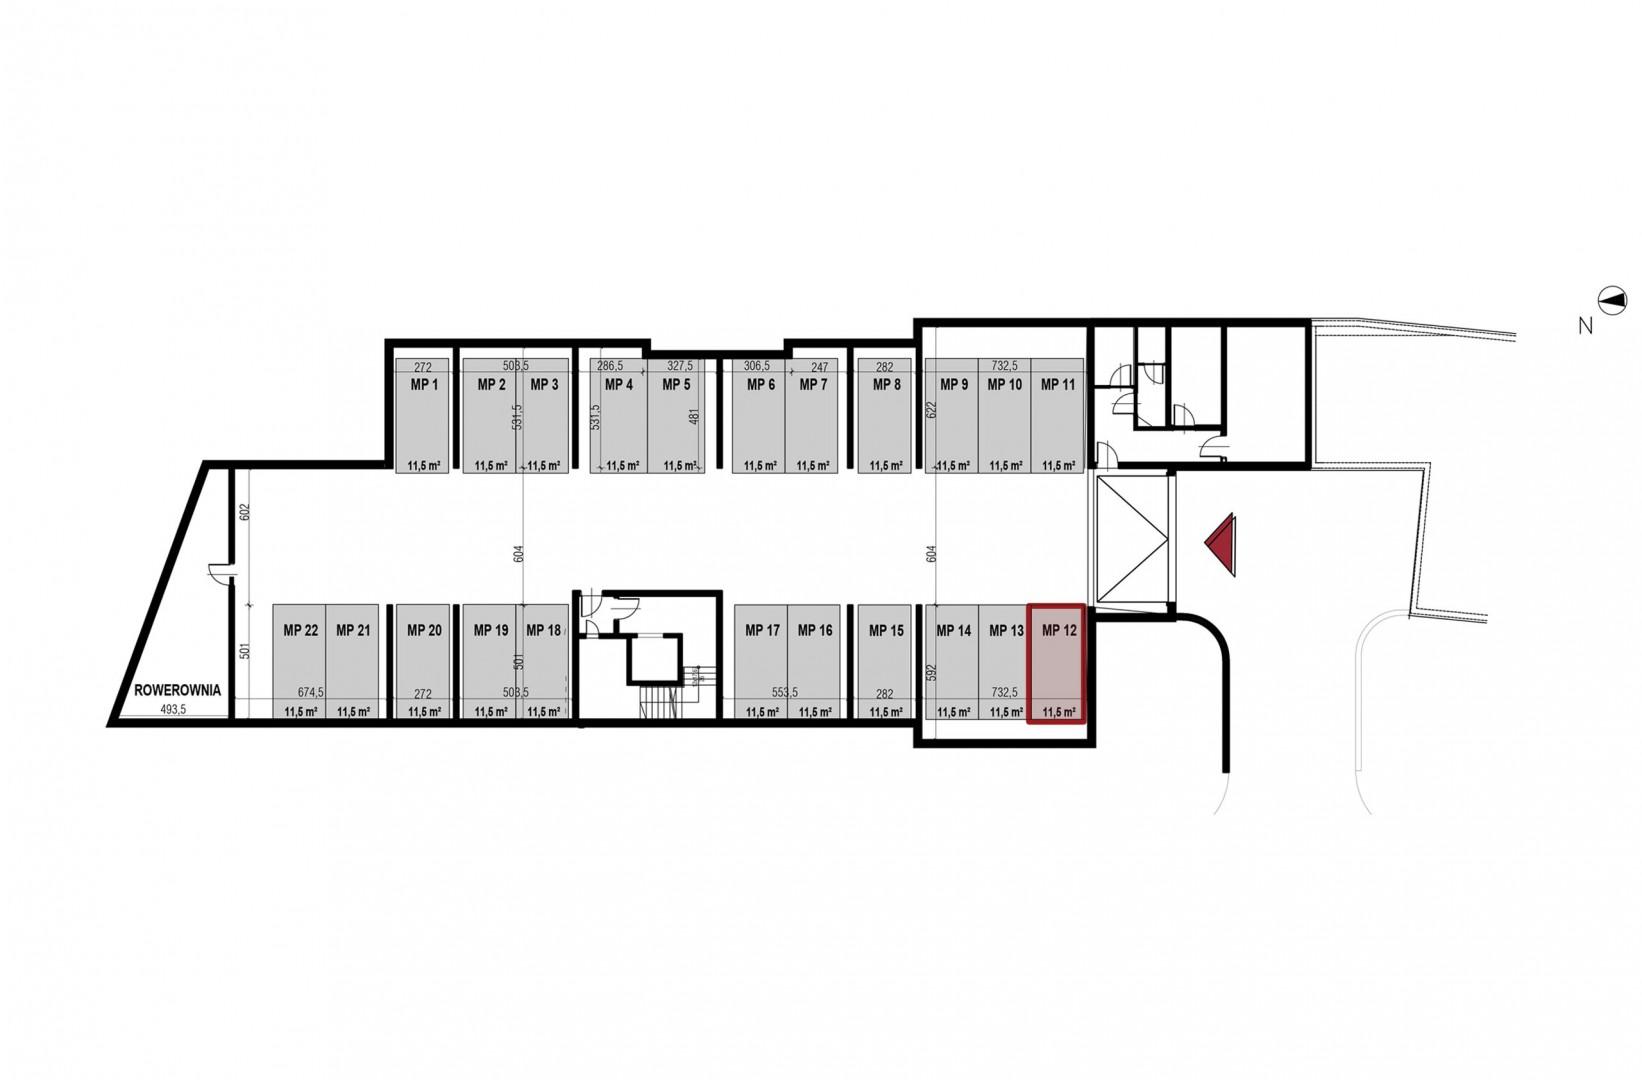 Uroczysko II / budynek 4 / miejsce postojowe 12 rzut 1